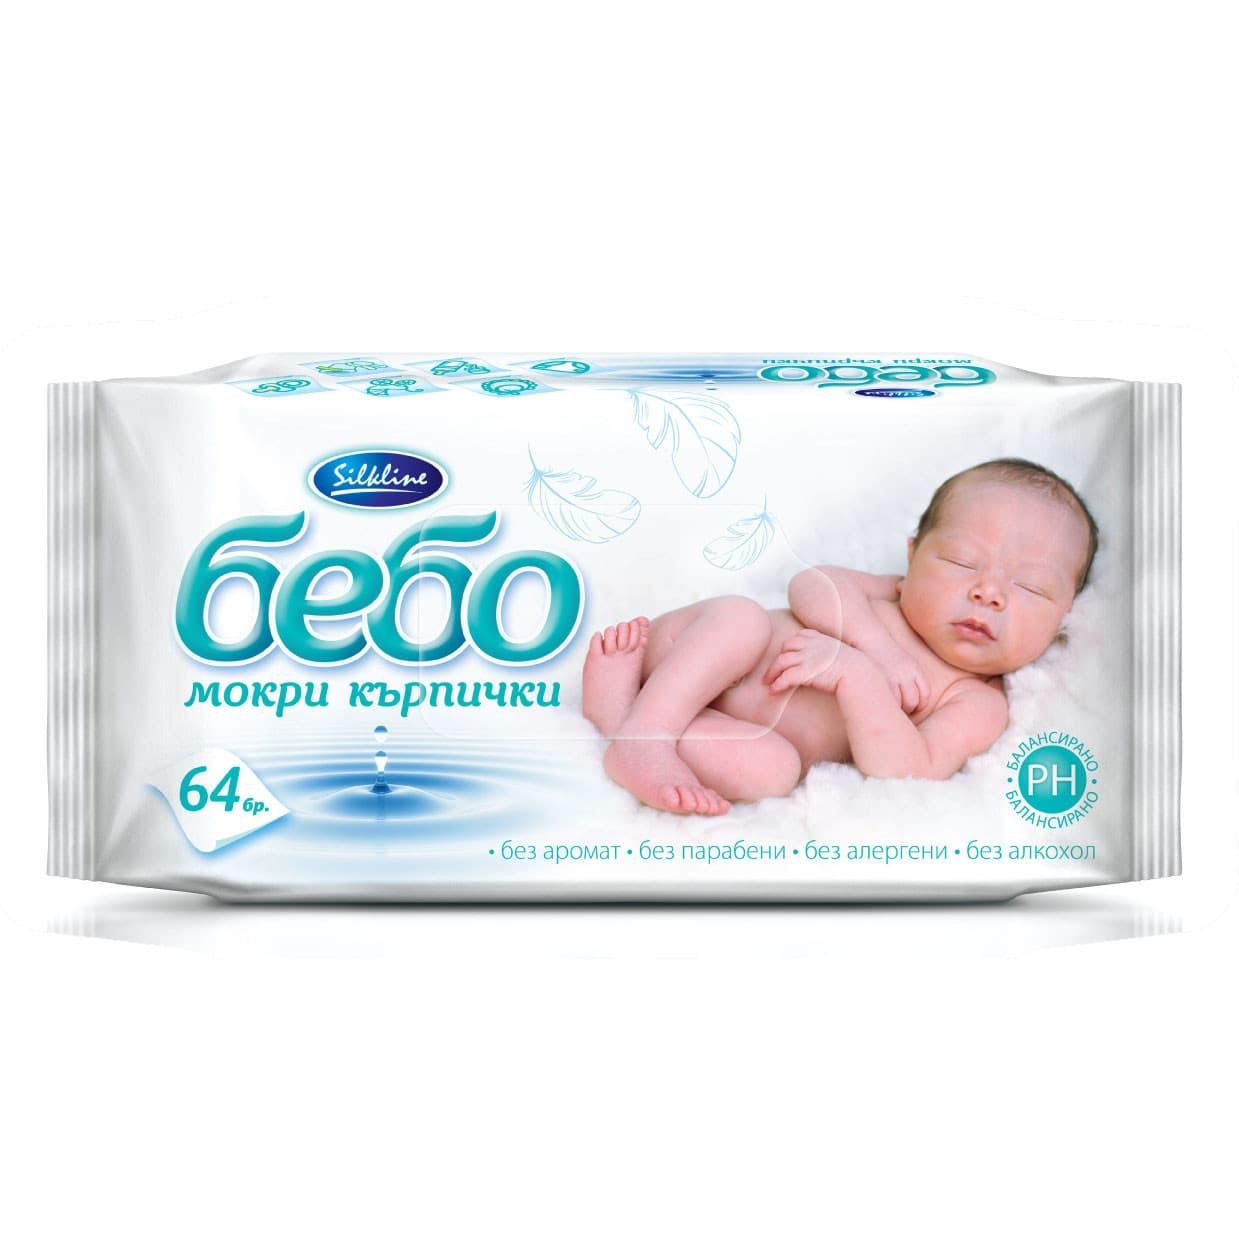 Бебо-мокри кърпи без аромат 64бр